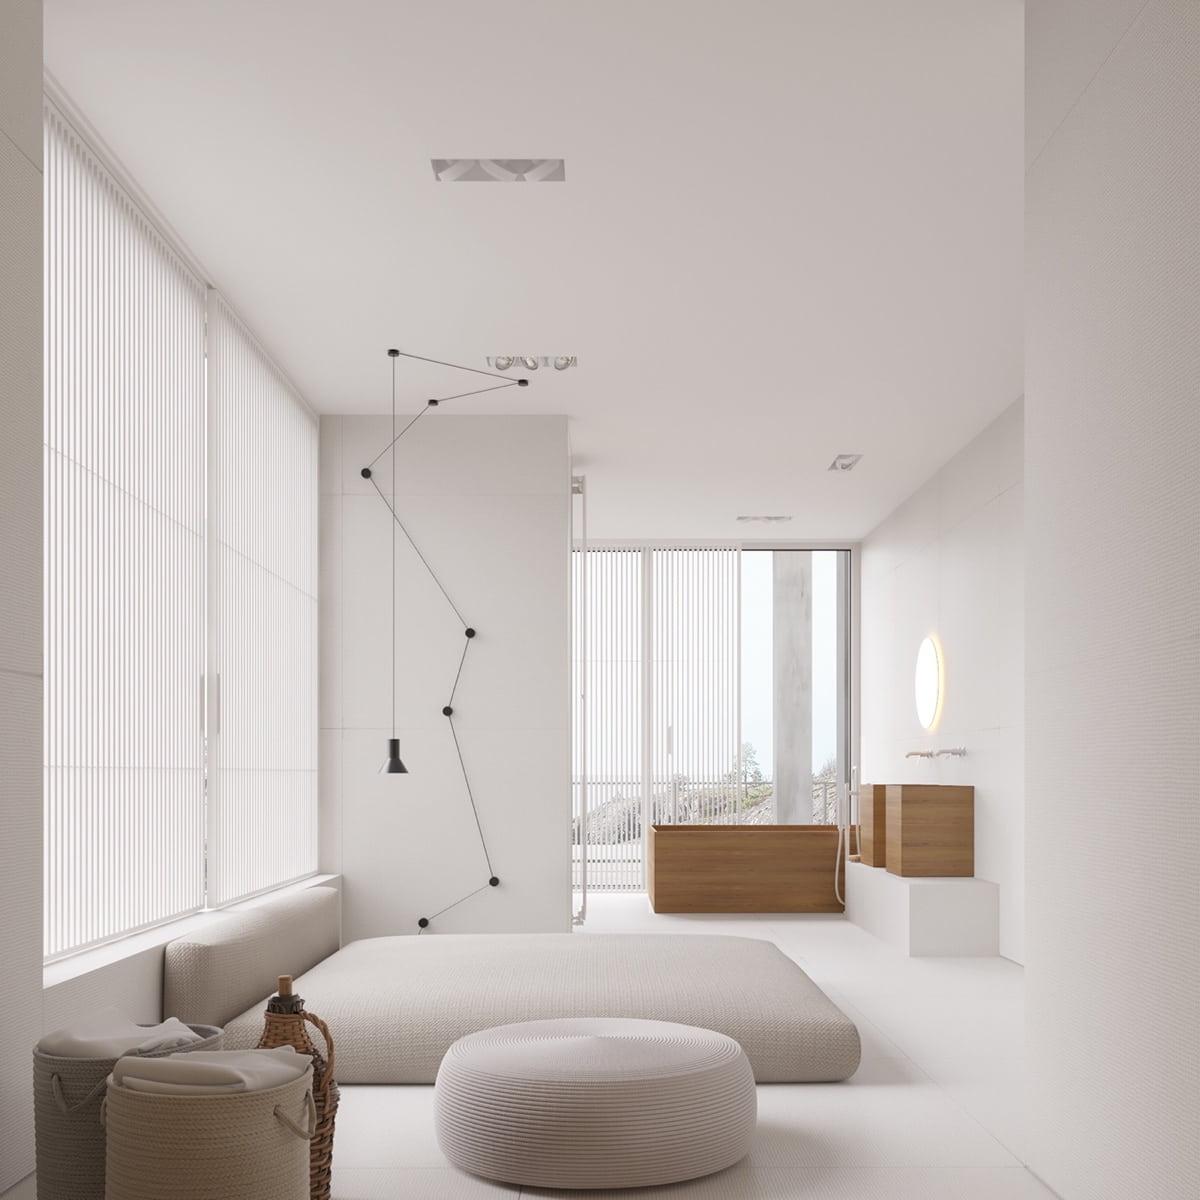 Утонченная спальня в стиле минимализм в нейтральной цветовой гамме